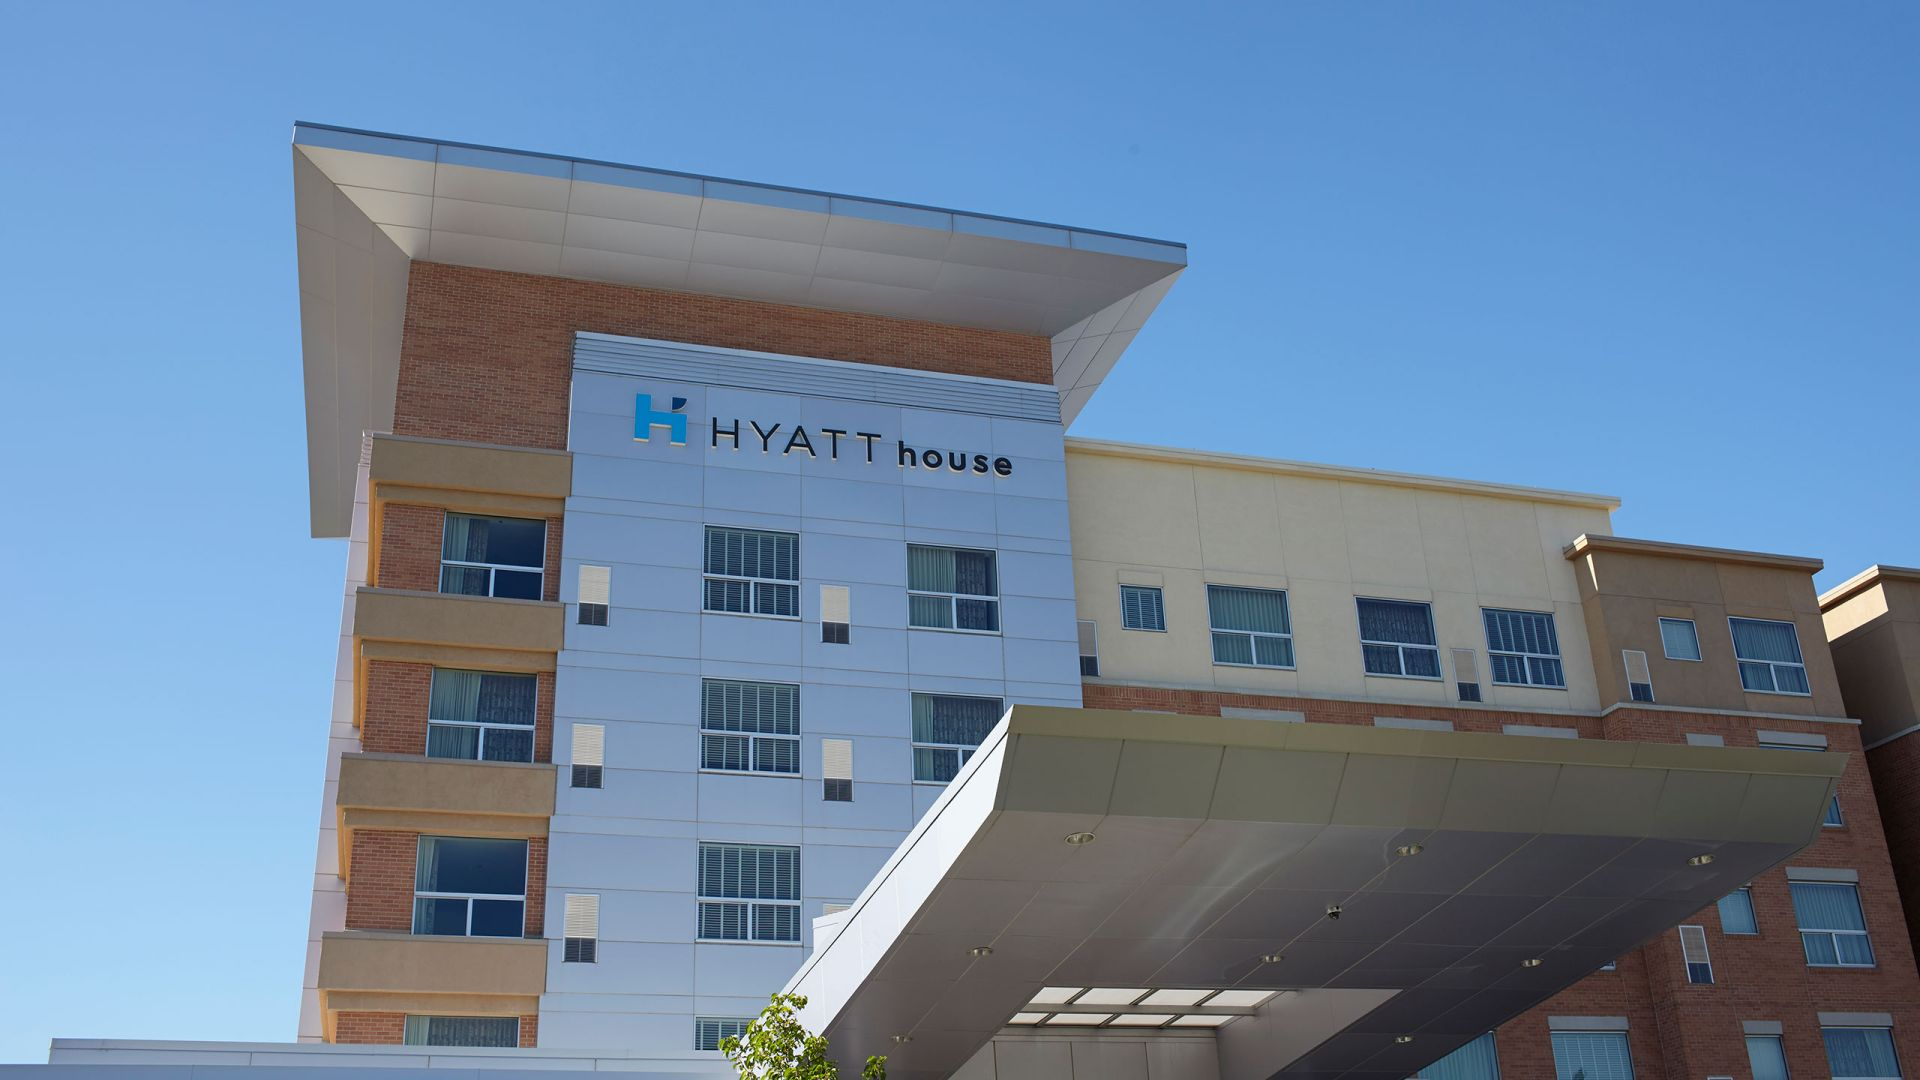 Hyatt House Exterior